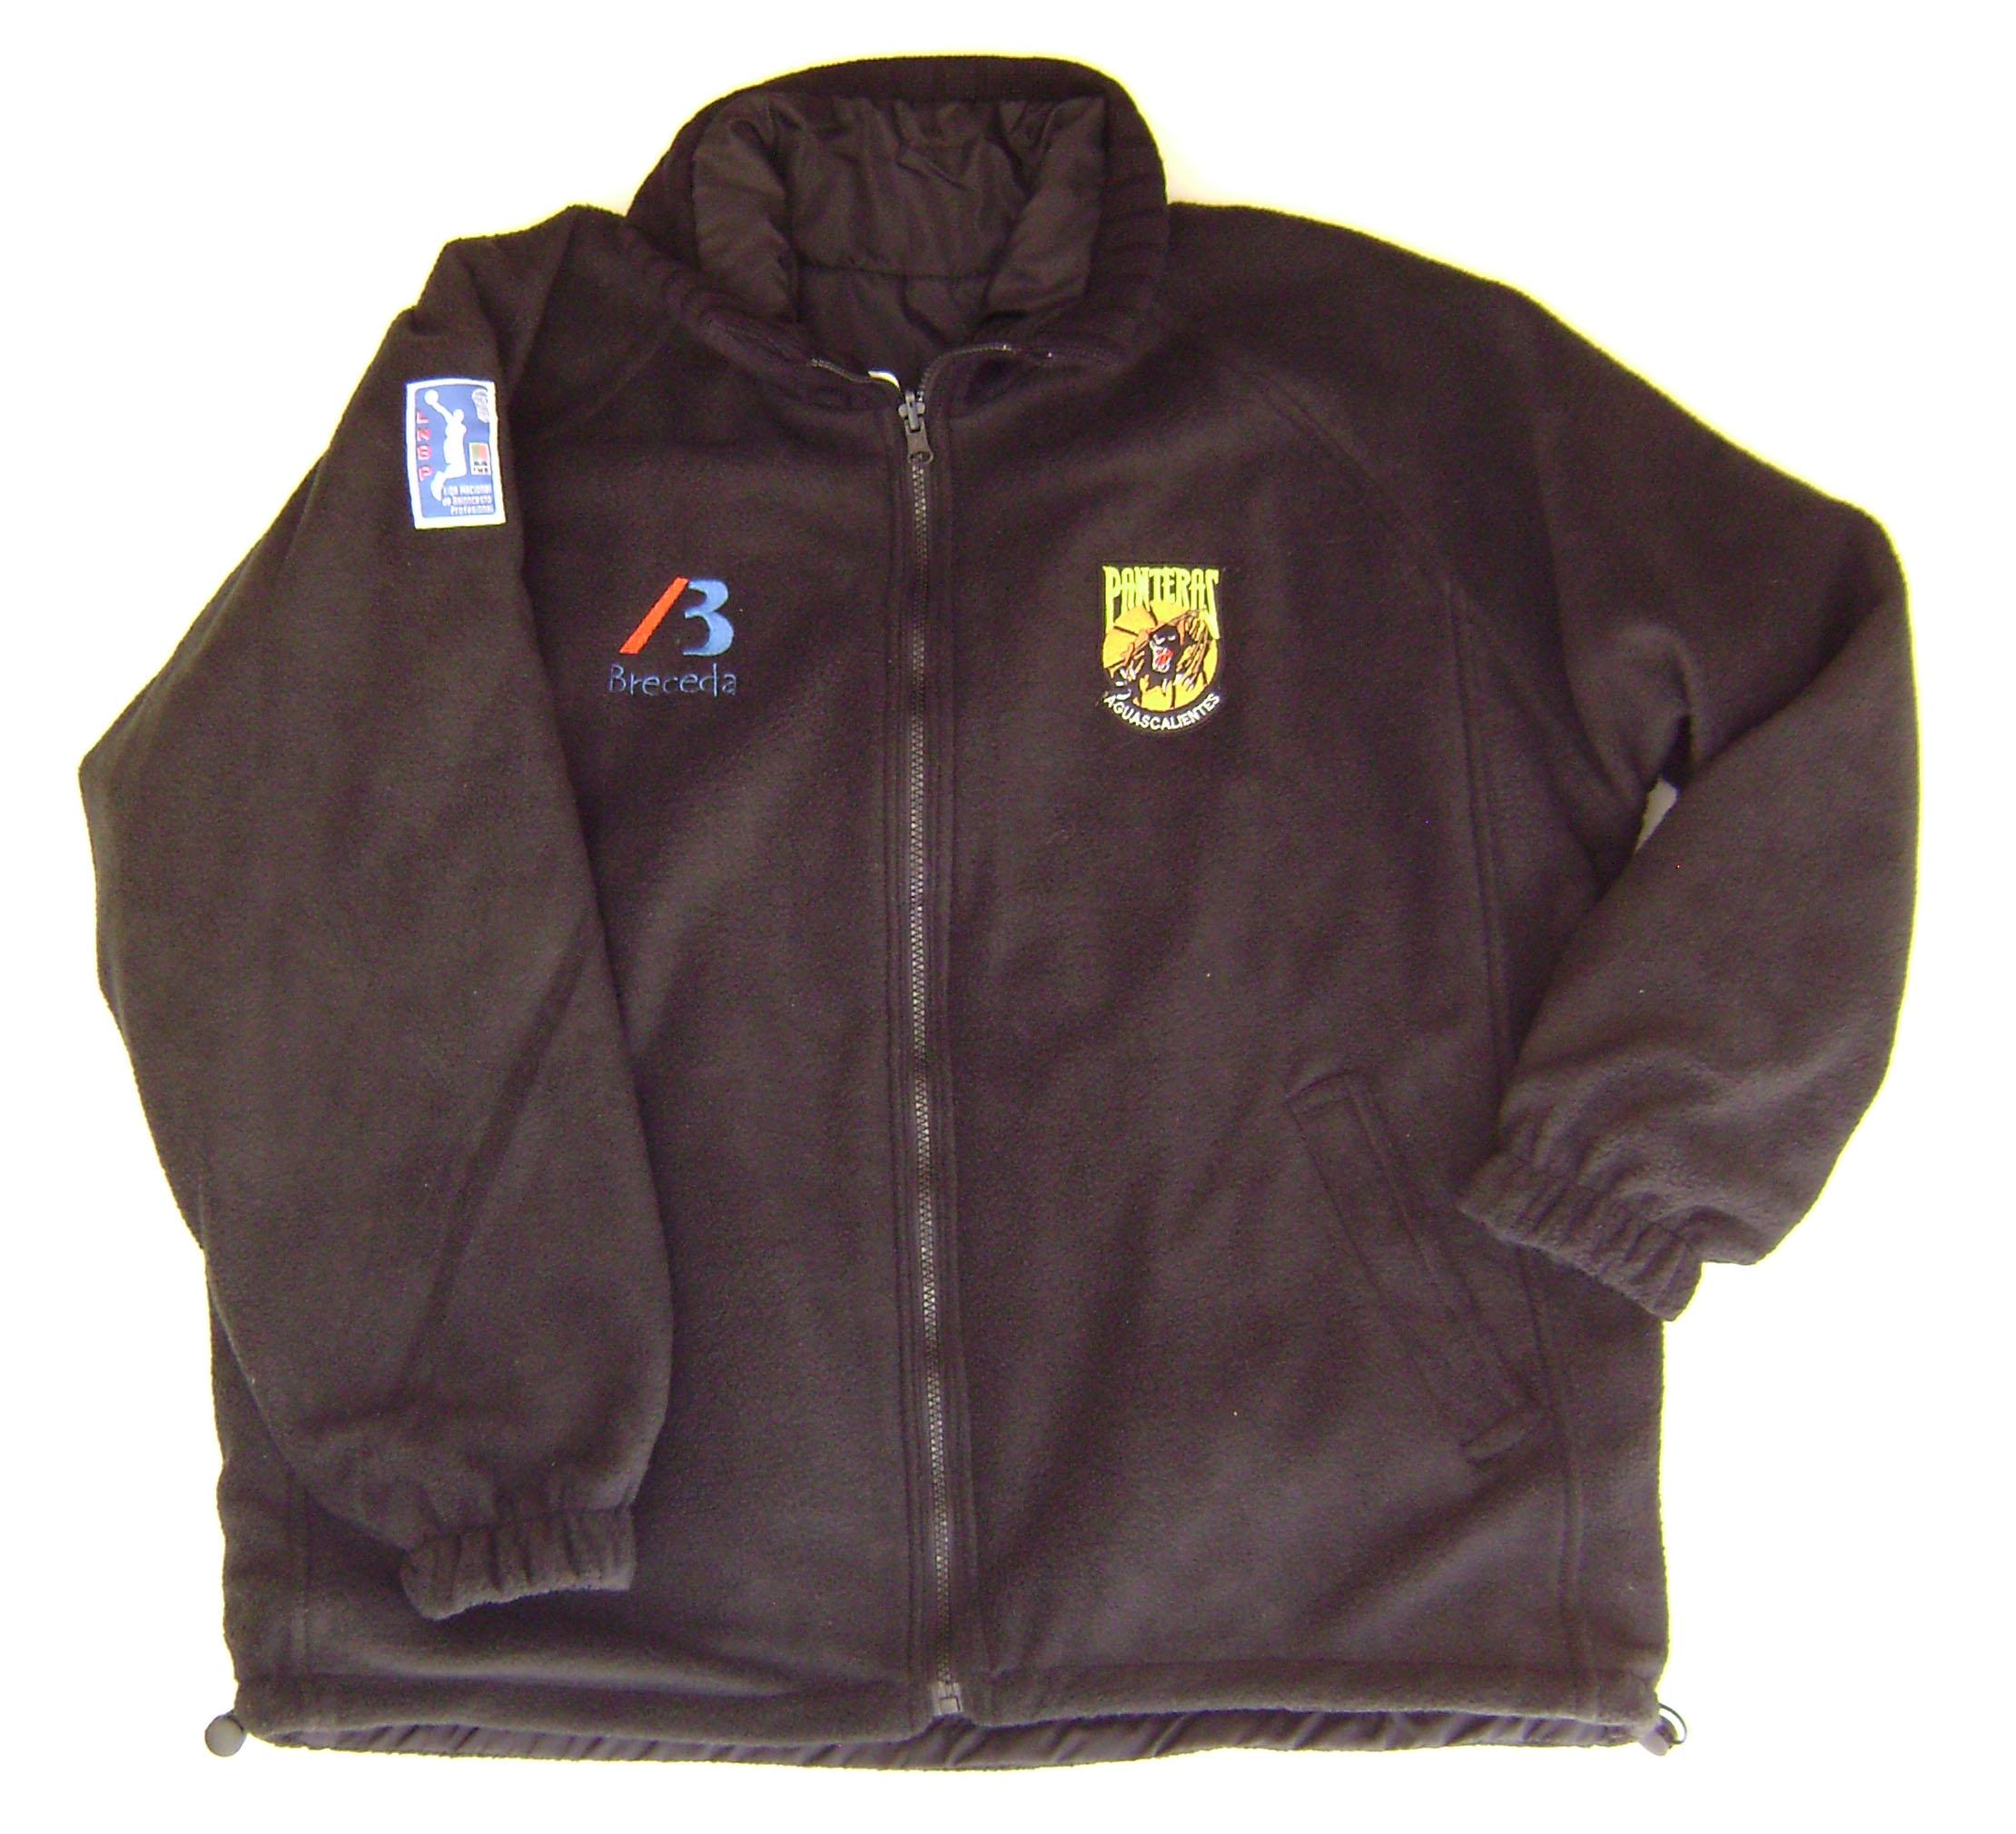 uniformeInviernoDobleVista2